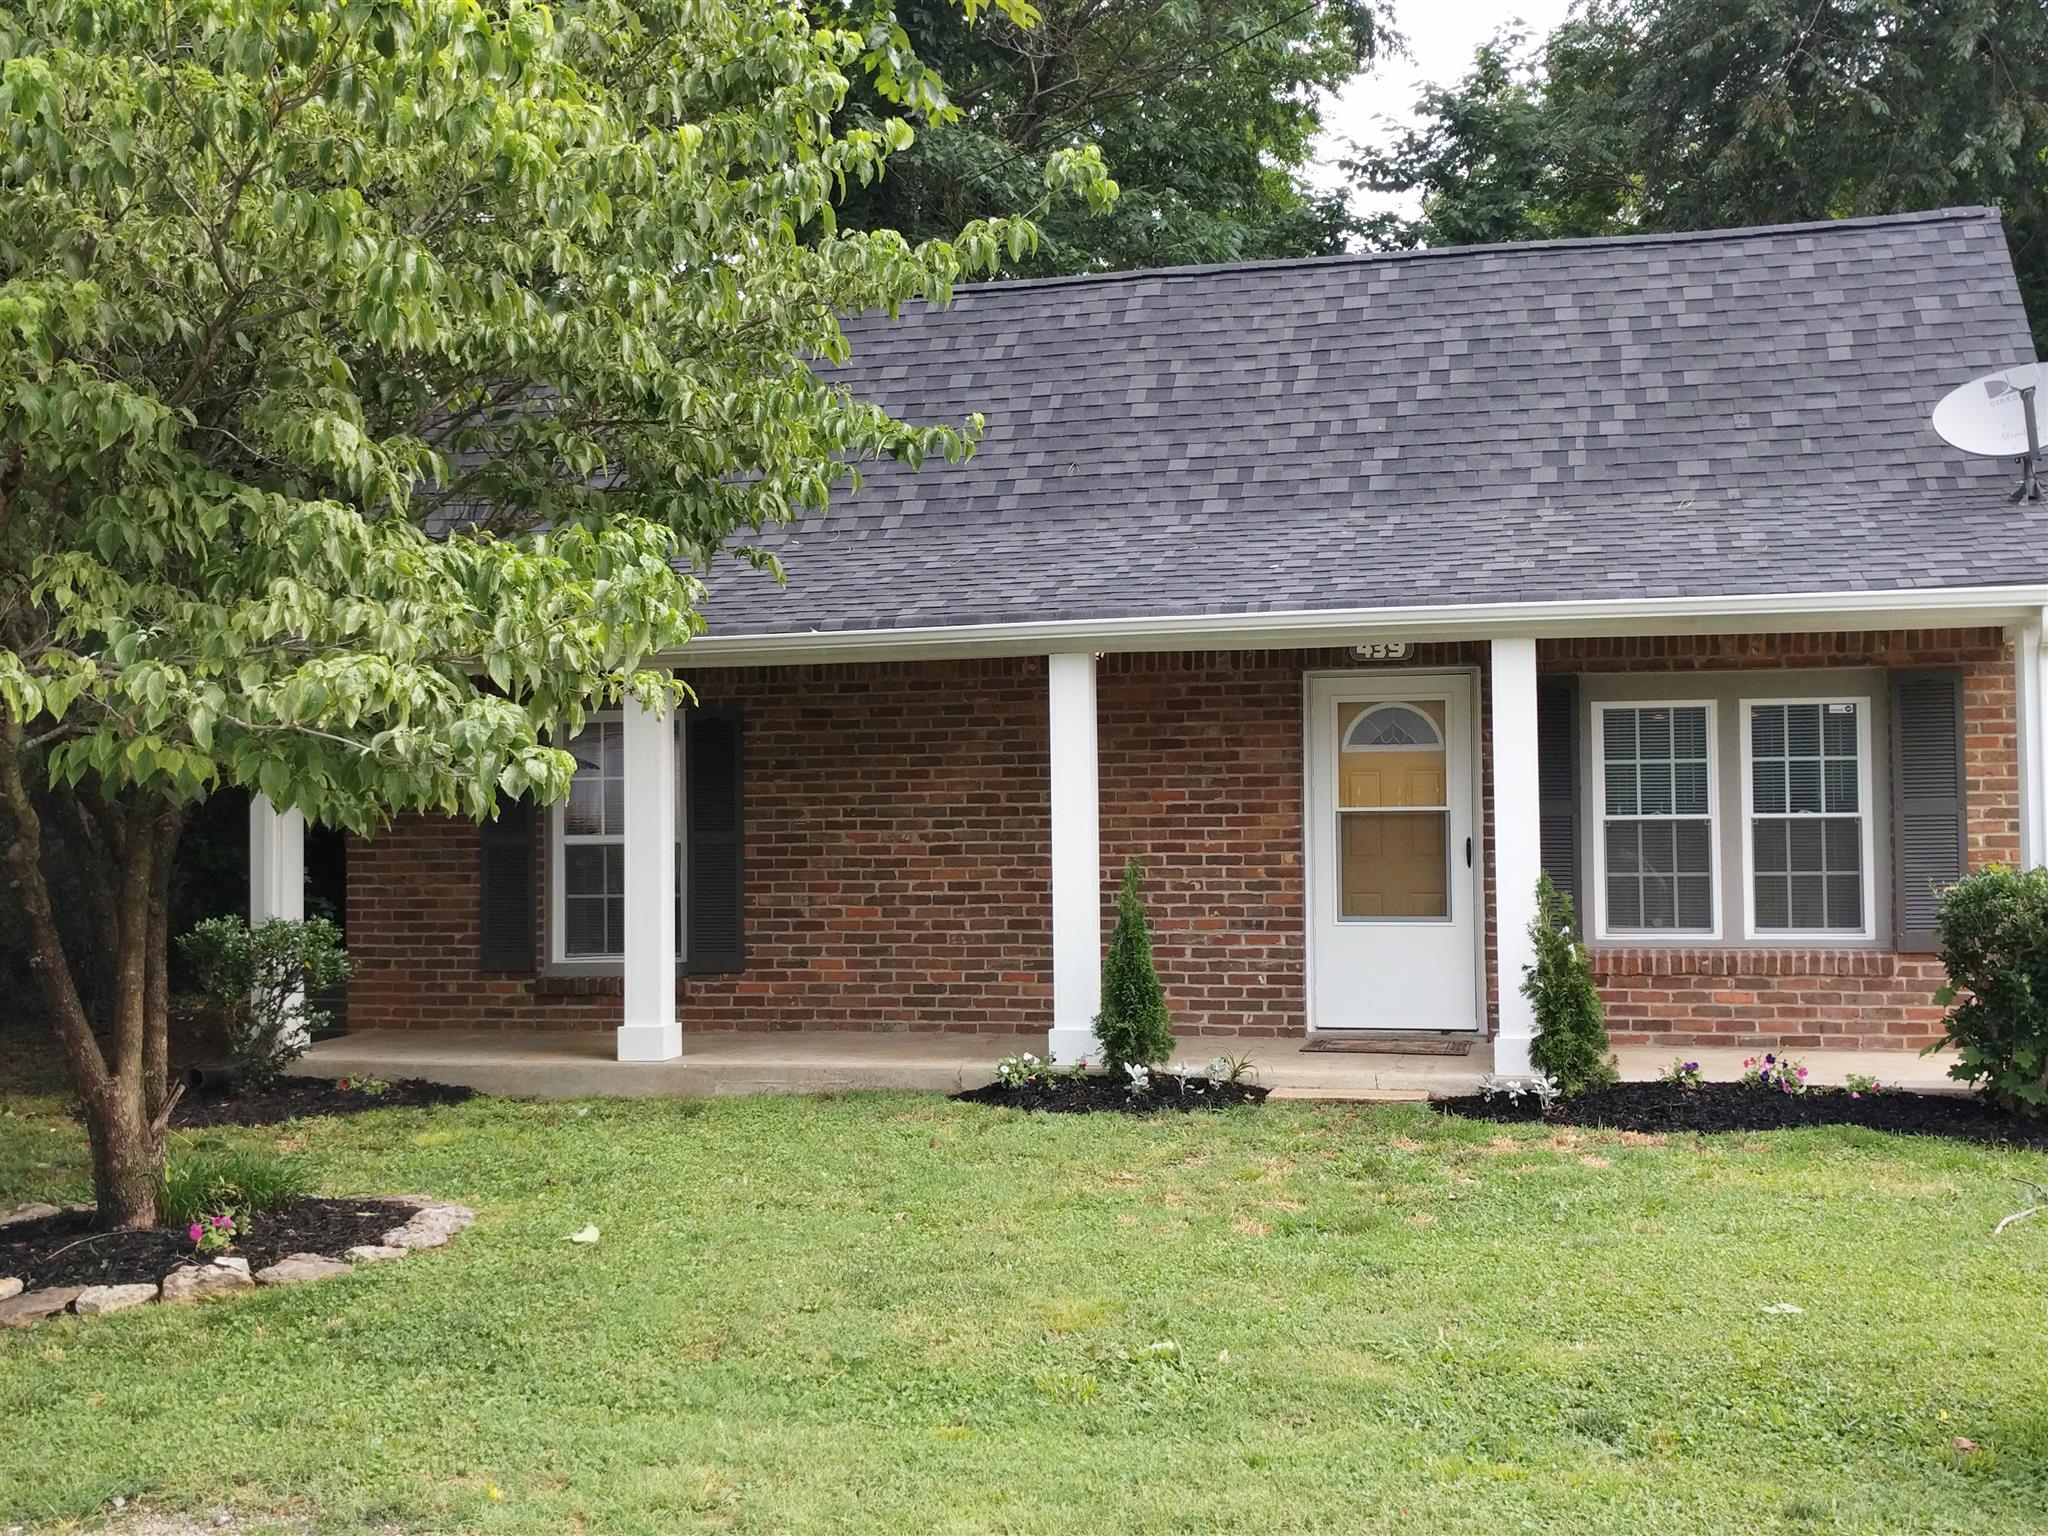 439 Forrest St, Murfreesboro, TN 37130